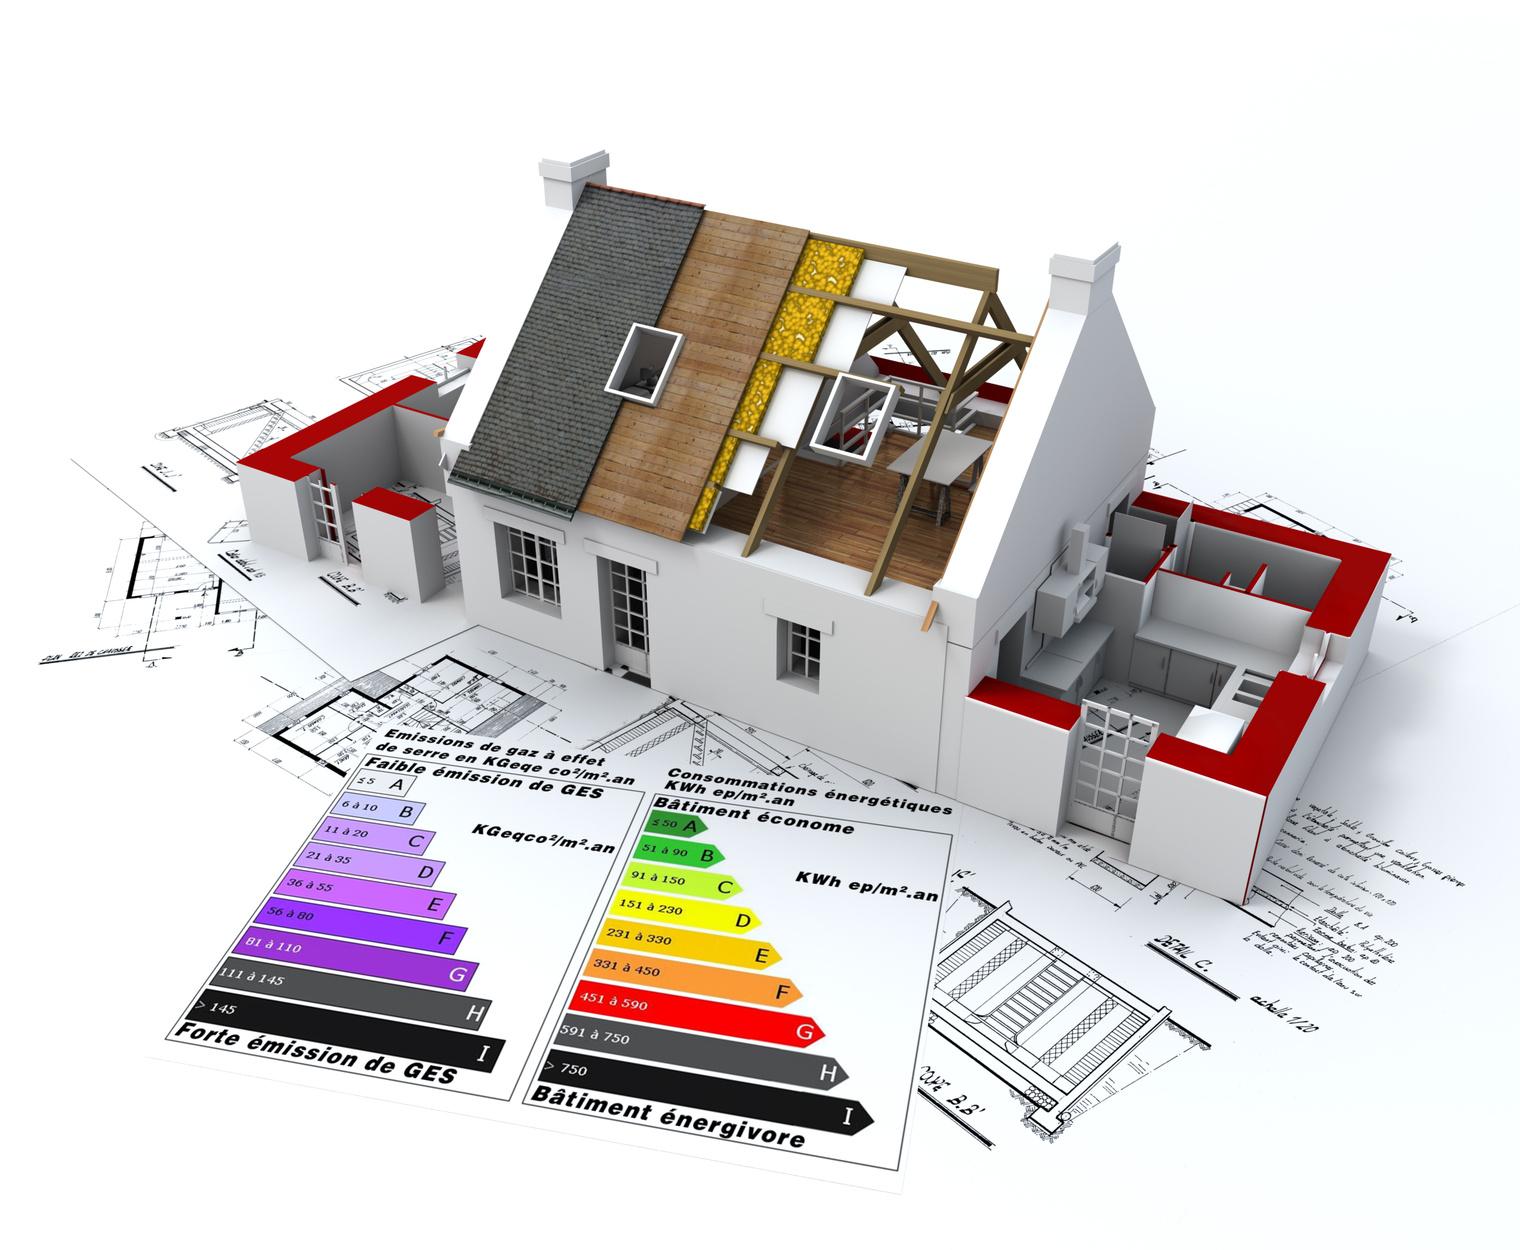 Maison écologique énergétique